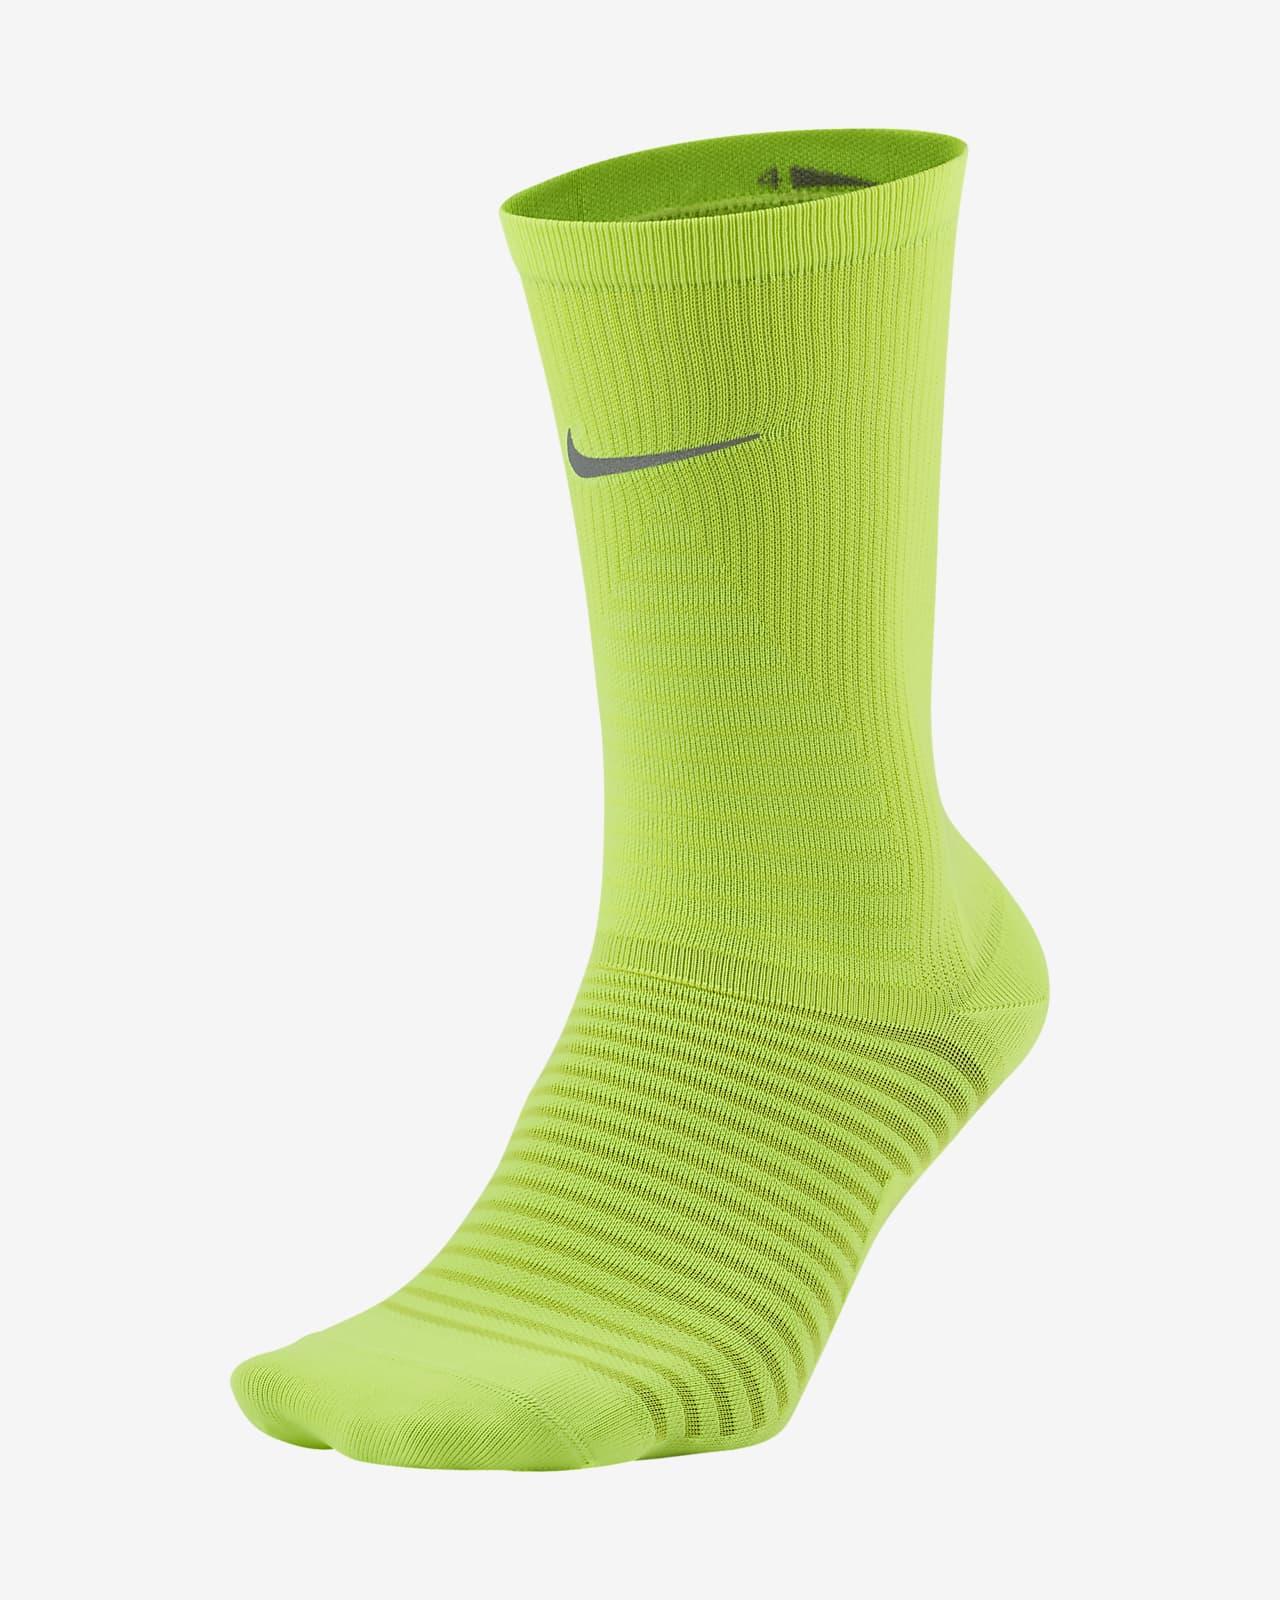 Κάλτσες μεσαίου ύψους για τρέξιμο Nike Spark Lightweight